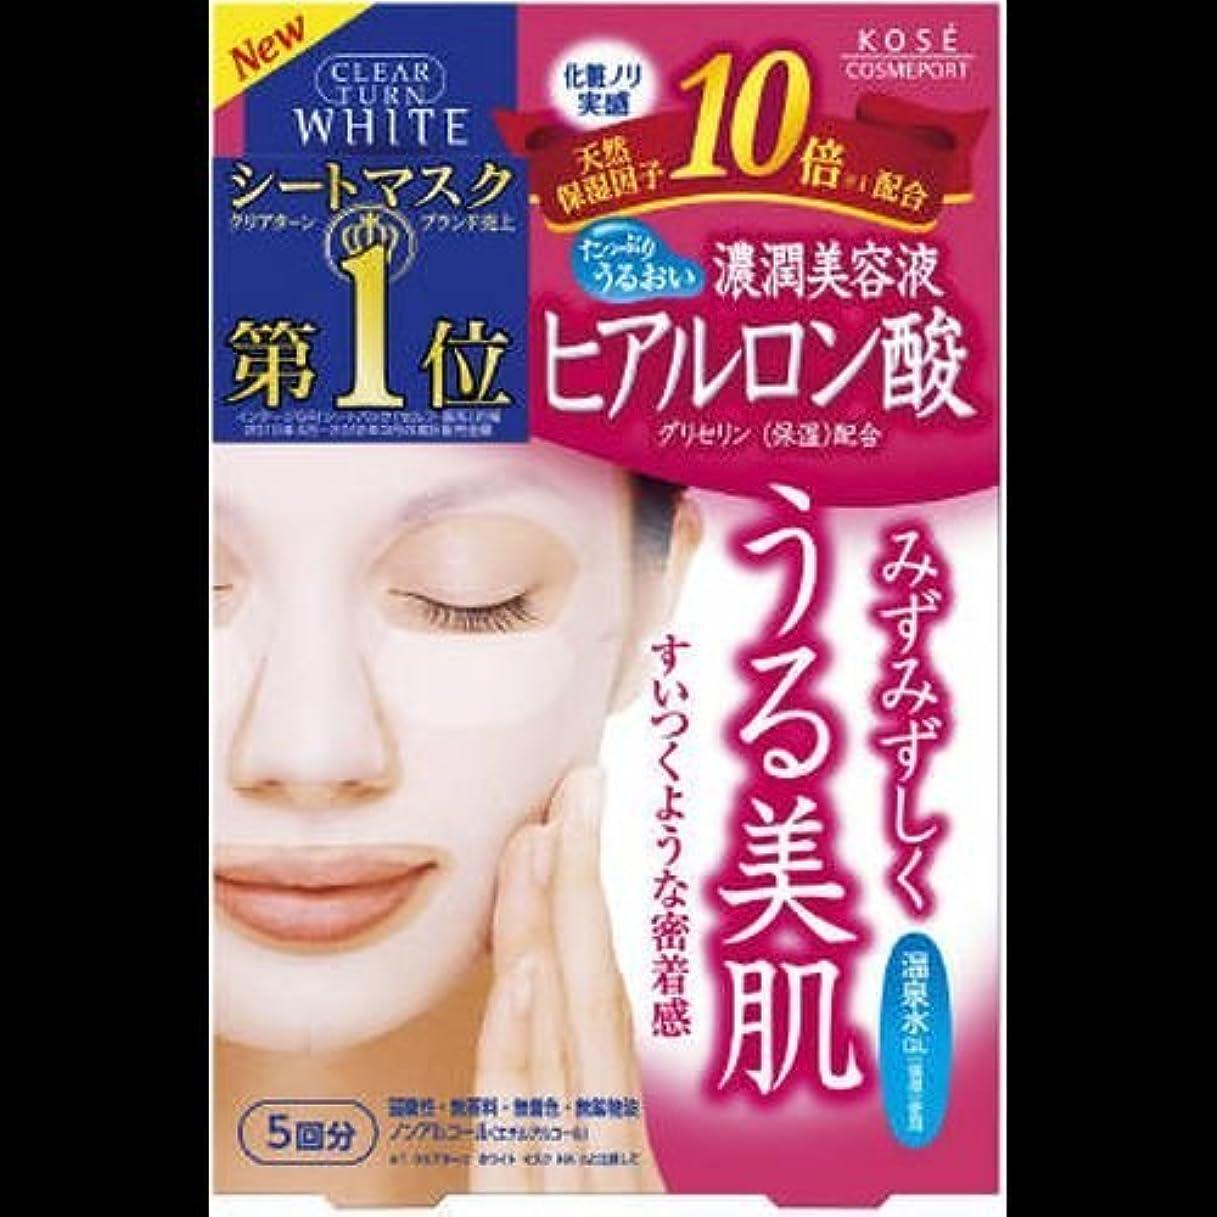 含めるトチの実の木狂気クリアターン ホワイトマスク ヒアルロン酸 5回分 ×2セット